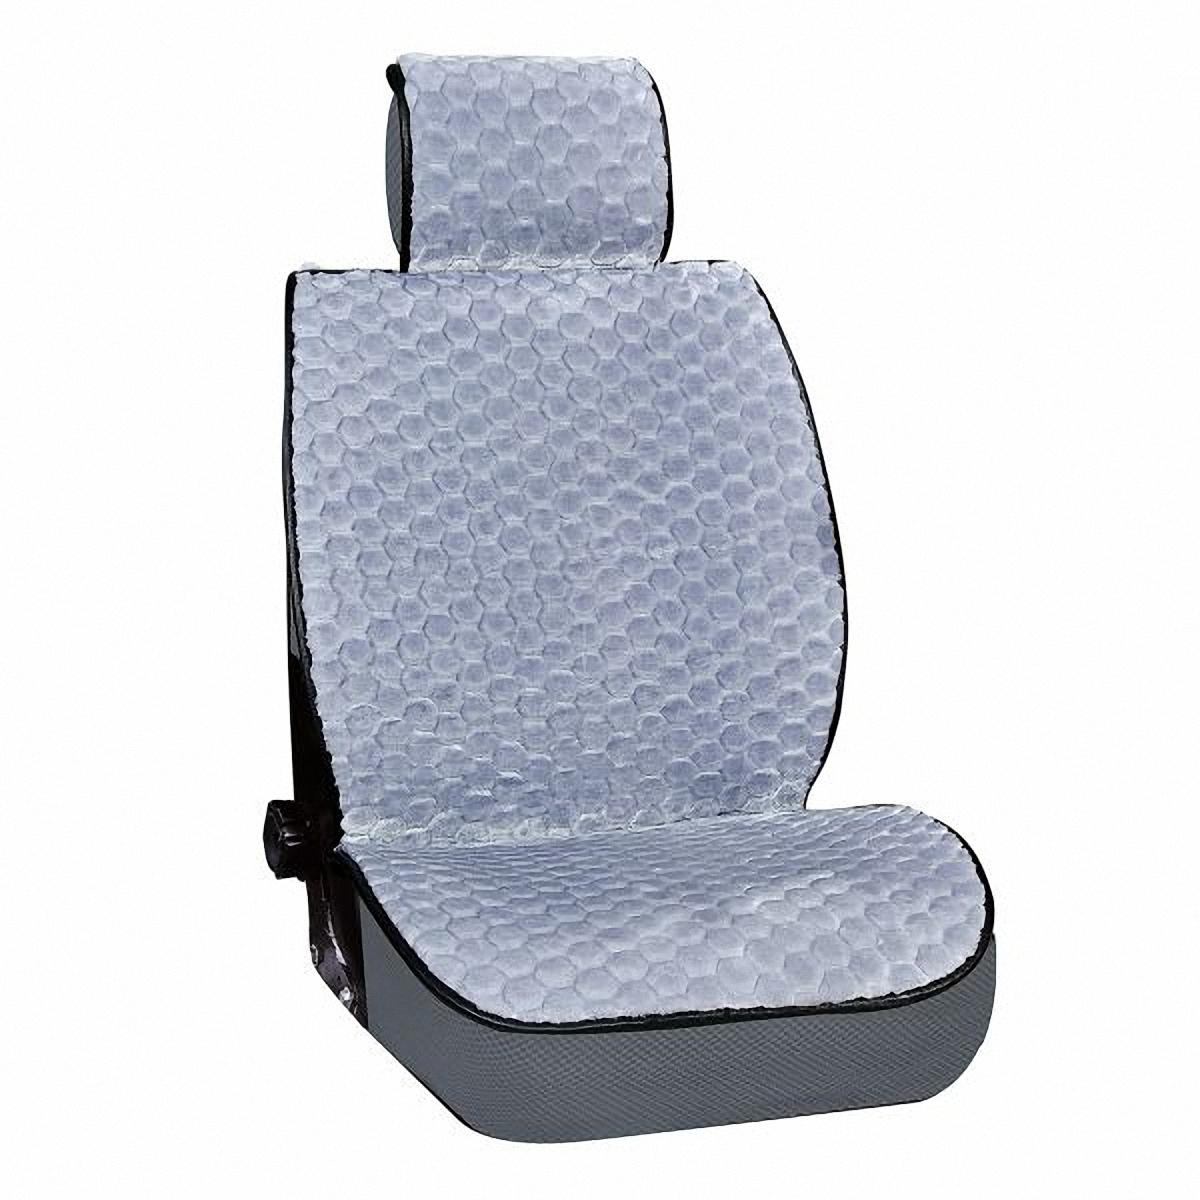 Накидка на сиденье Skyway, цвет: серый. S03001021S03001021Накидка на сиденье Skyway - это изящное сочетание стиля и качества. Выполненные из искусственного меха они расслабляют мышцы спины при поездке, благотворно влияя на позвоночник. Так просто получить ощущение легкого массажа. С ними салон становится уютнее, а сами сидения - удобнее.